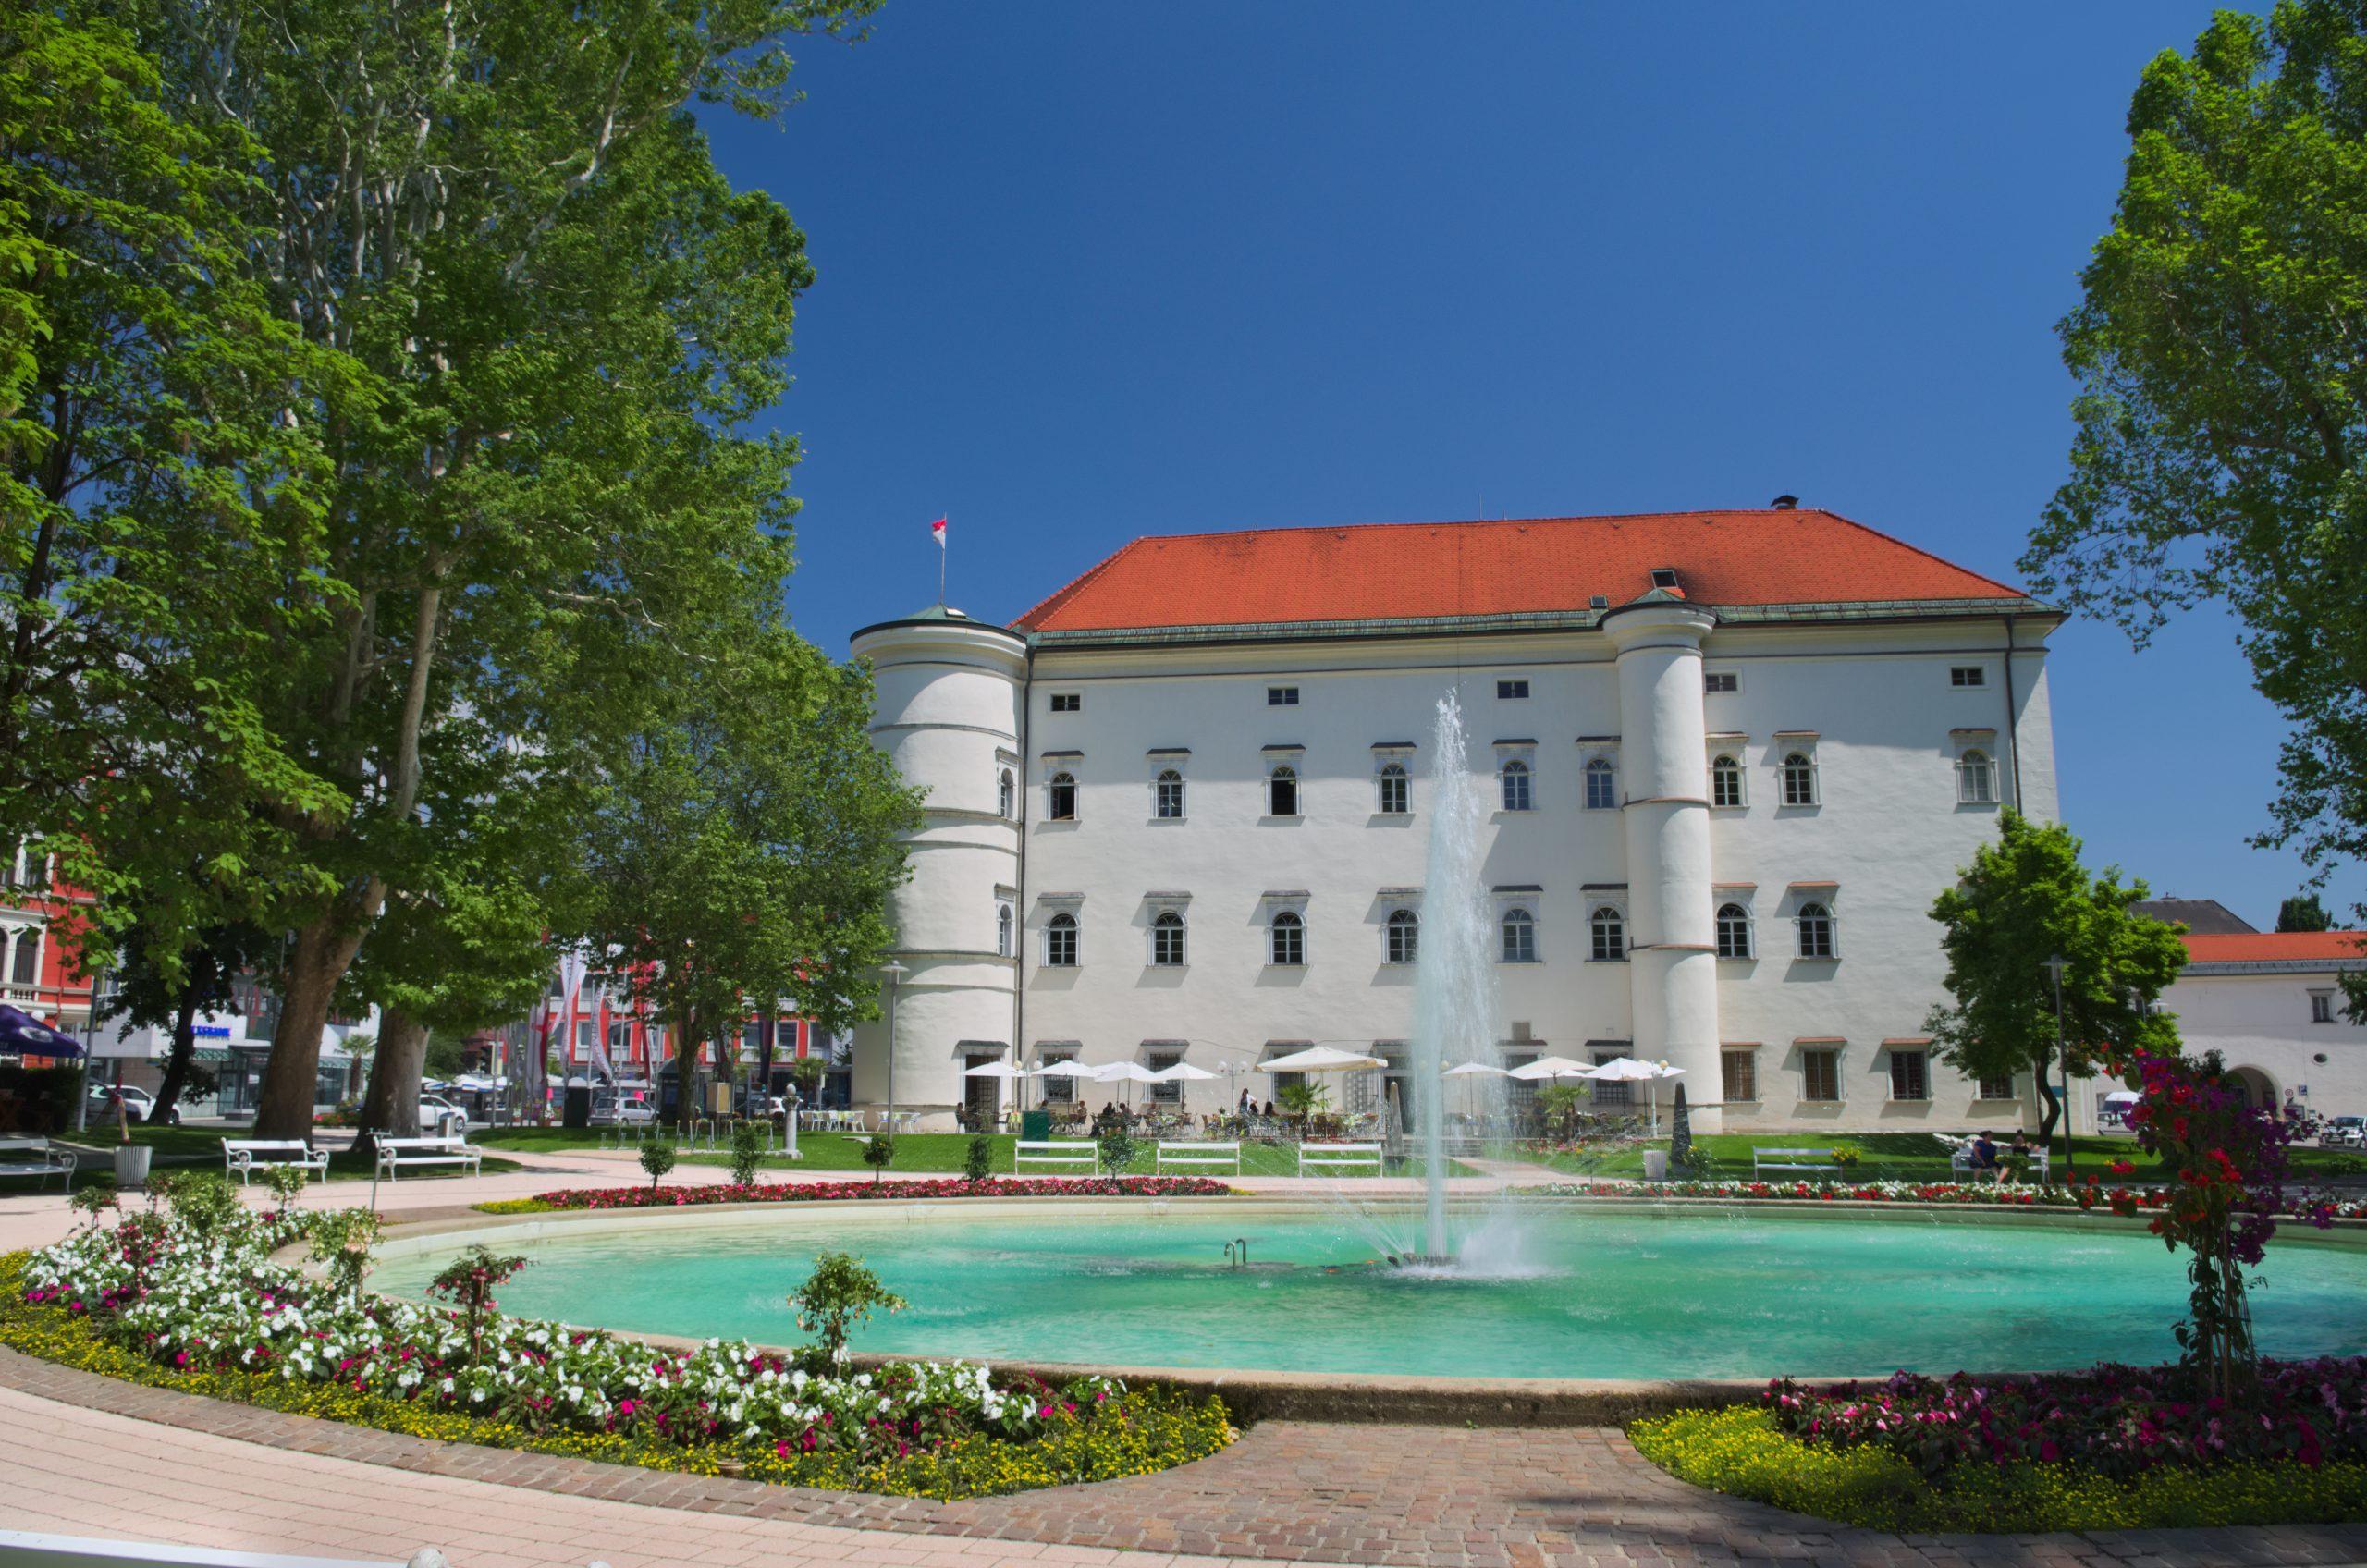 legszebb reneszánsz épület Ausztriában - a Porcia-kastély